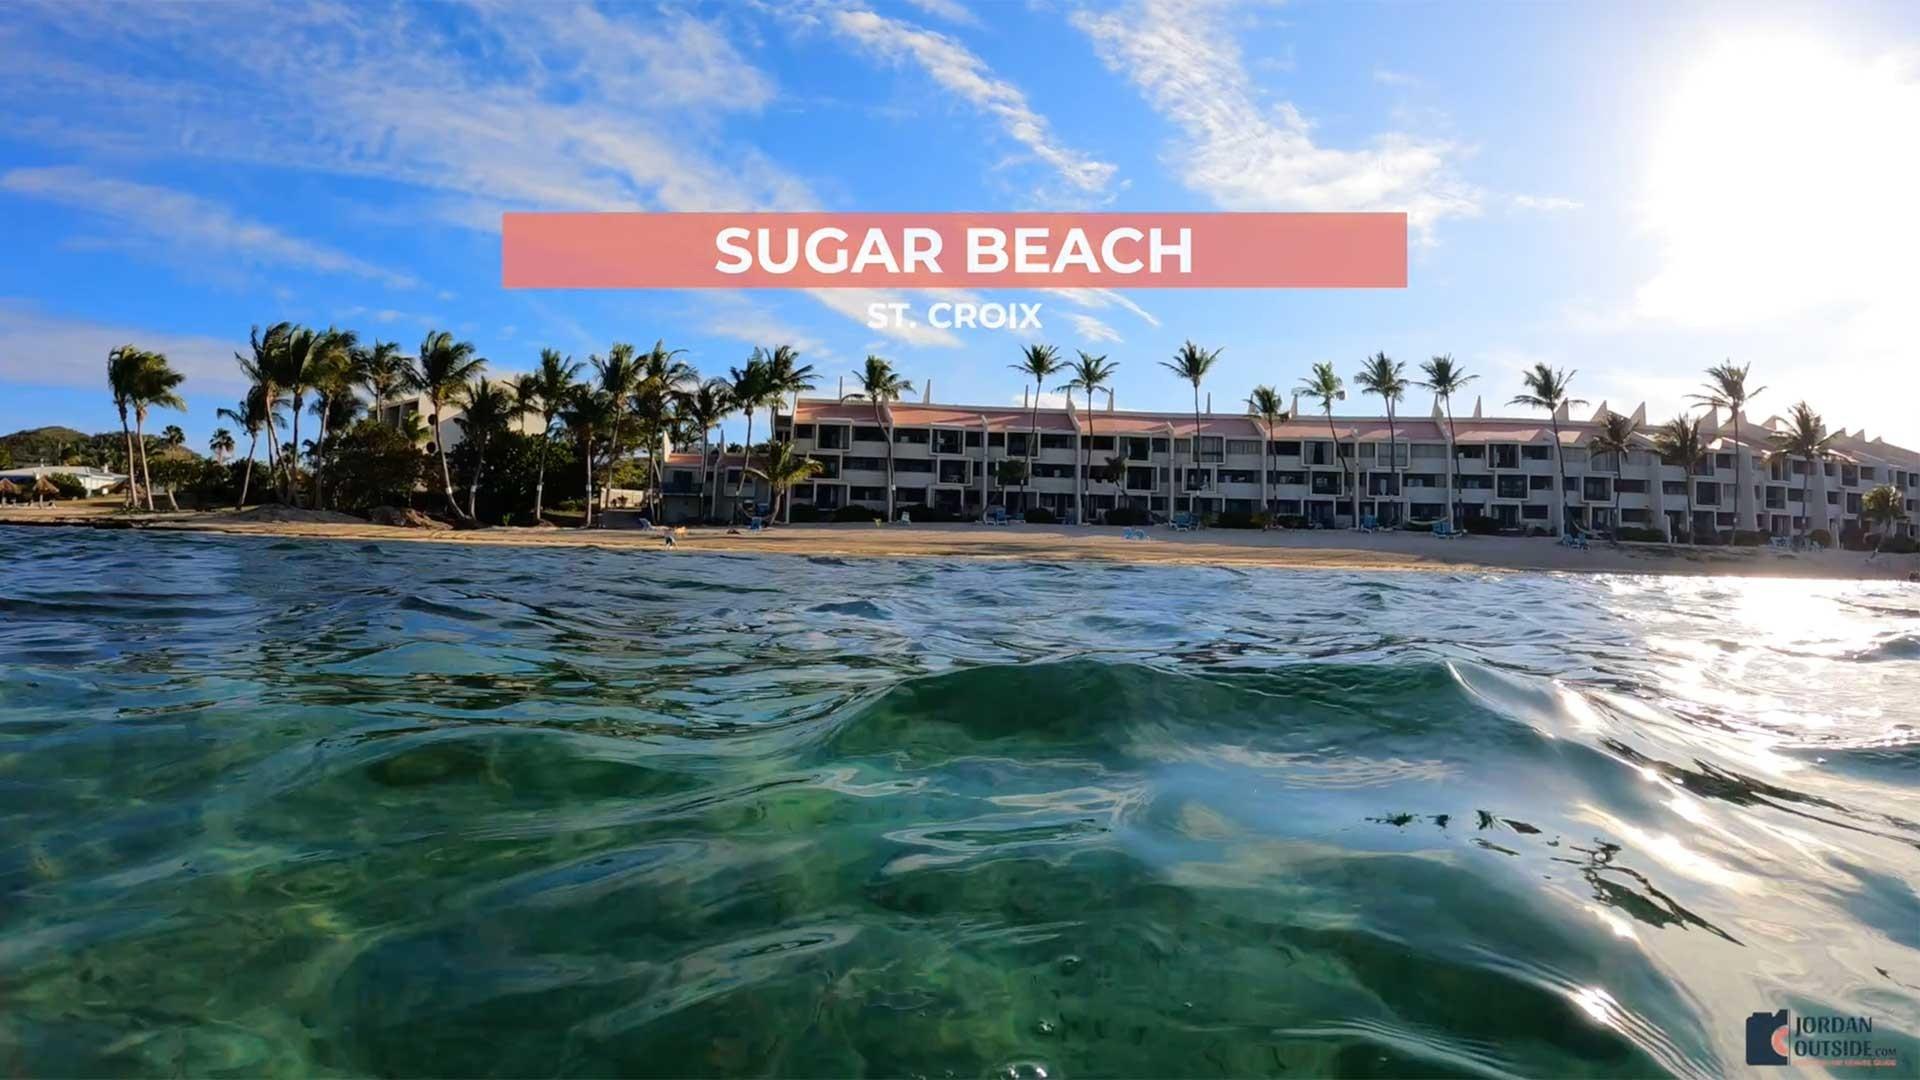 Sugar Beach view from the ocean, St. Croix